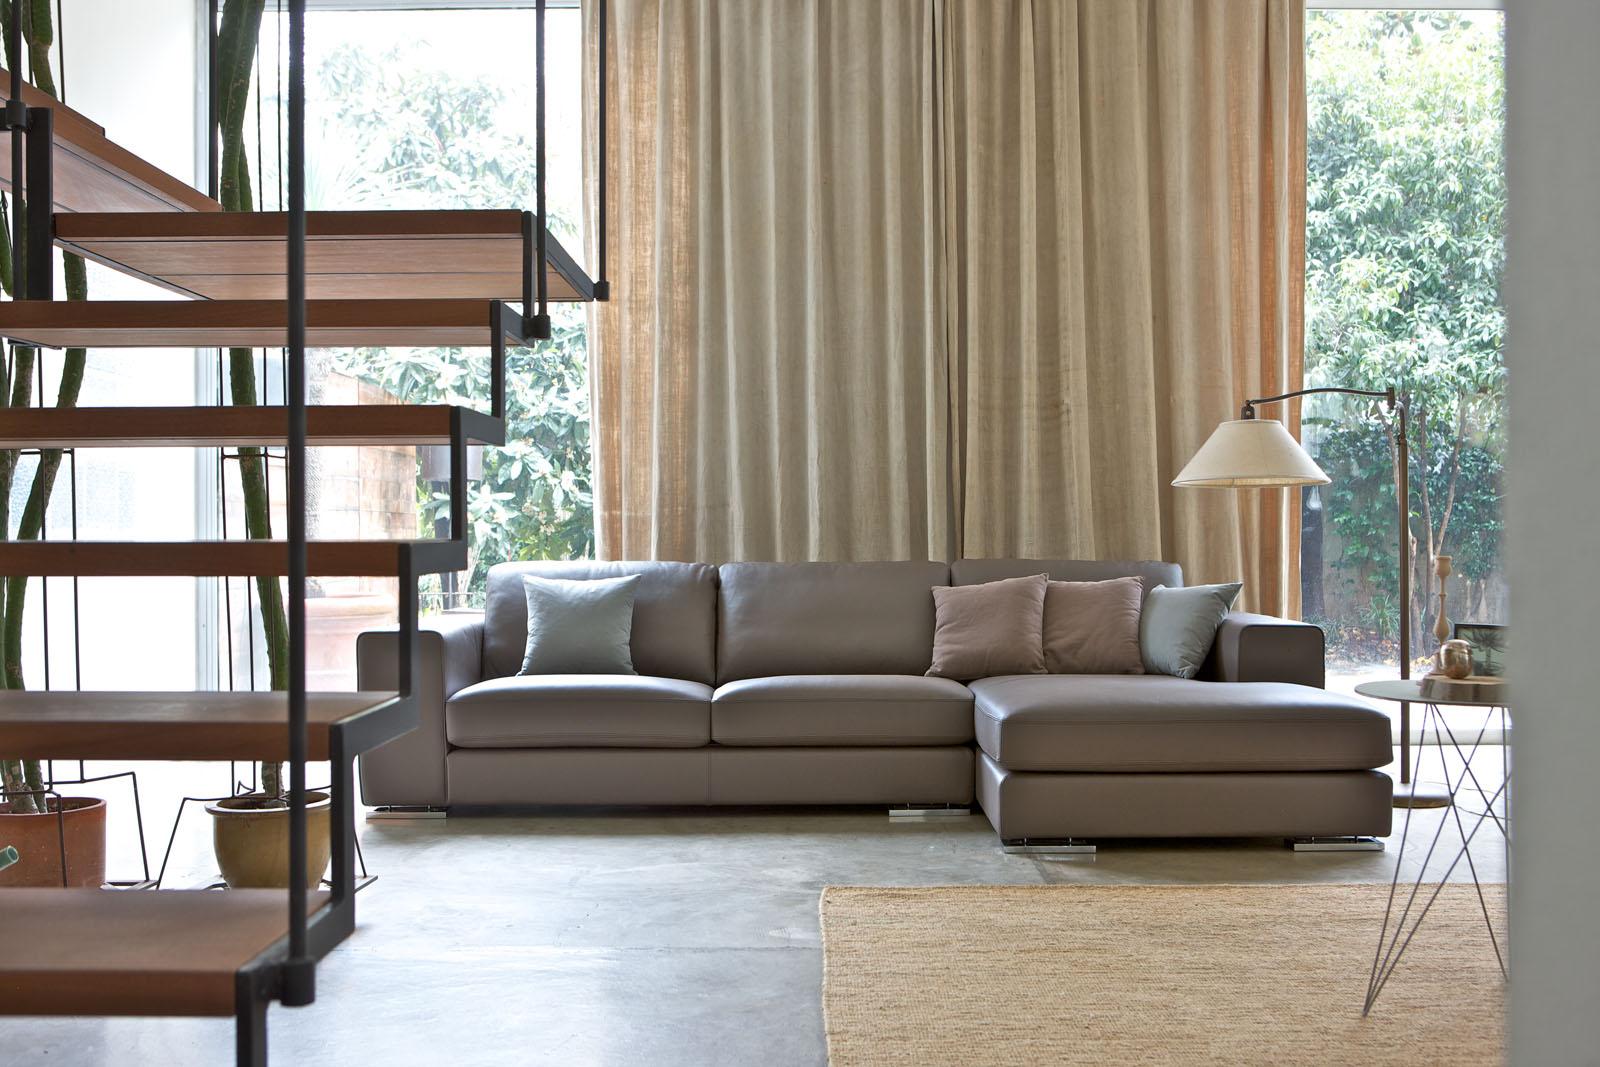 Divani blog tino mariani nuove immagini dei divani for Divani e salotti moderni